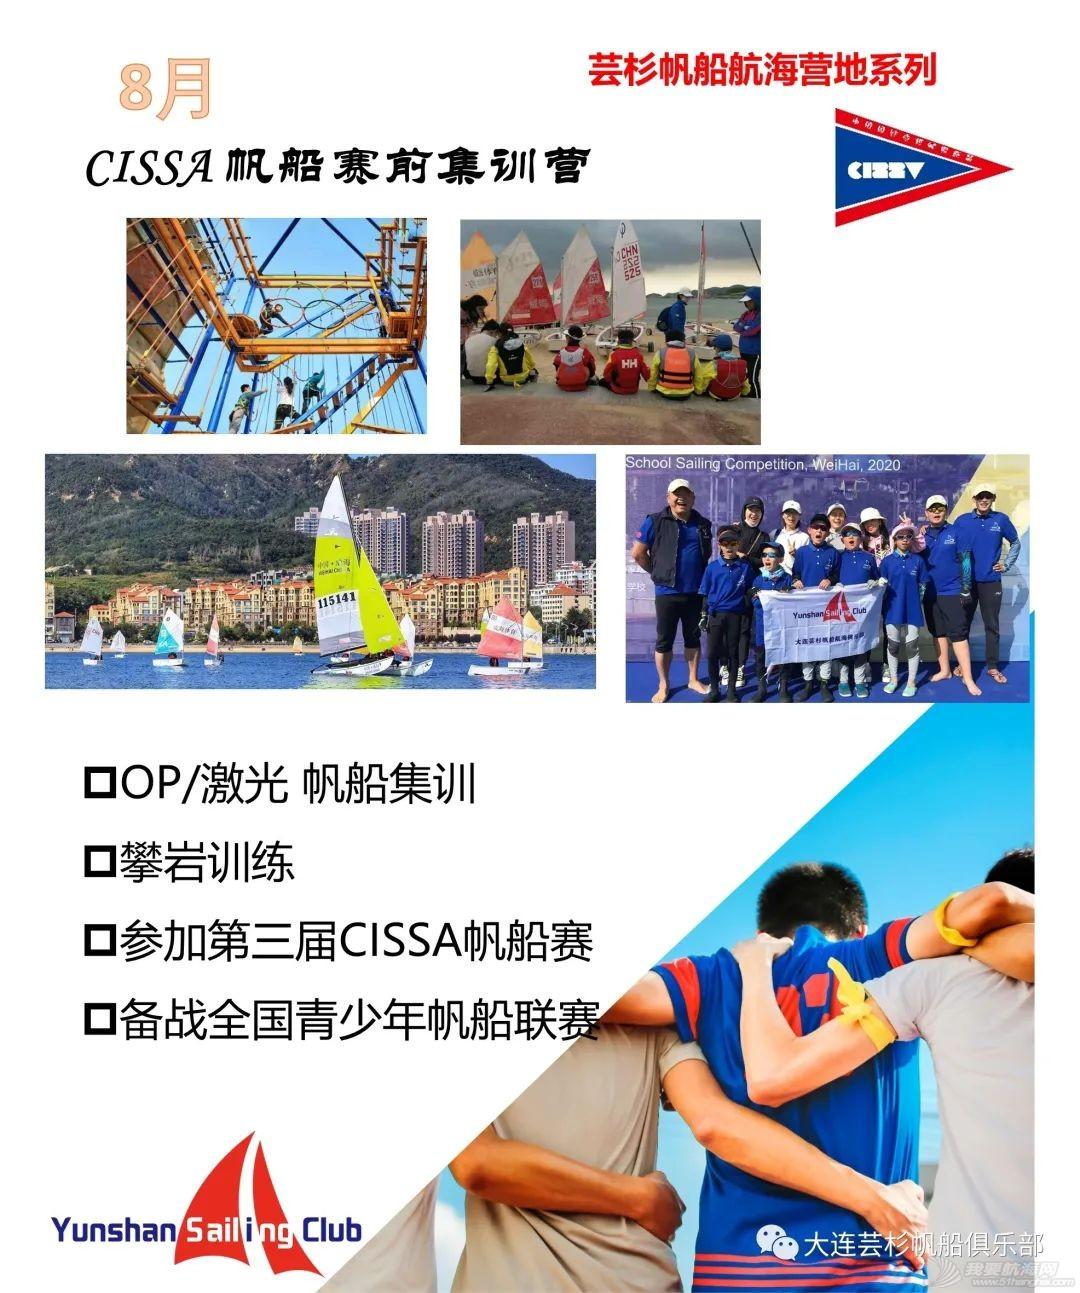 学校,训练,帆船,威海,孩子 【又玩又学习,又练又比赛】2021威海帆船训练游学营  110149xzkrb8kzb1trzyqq